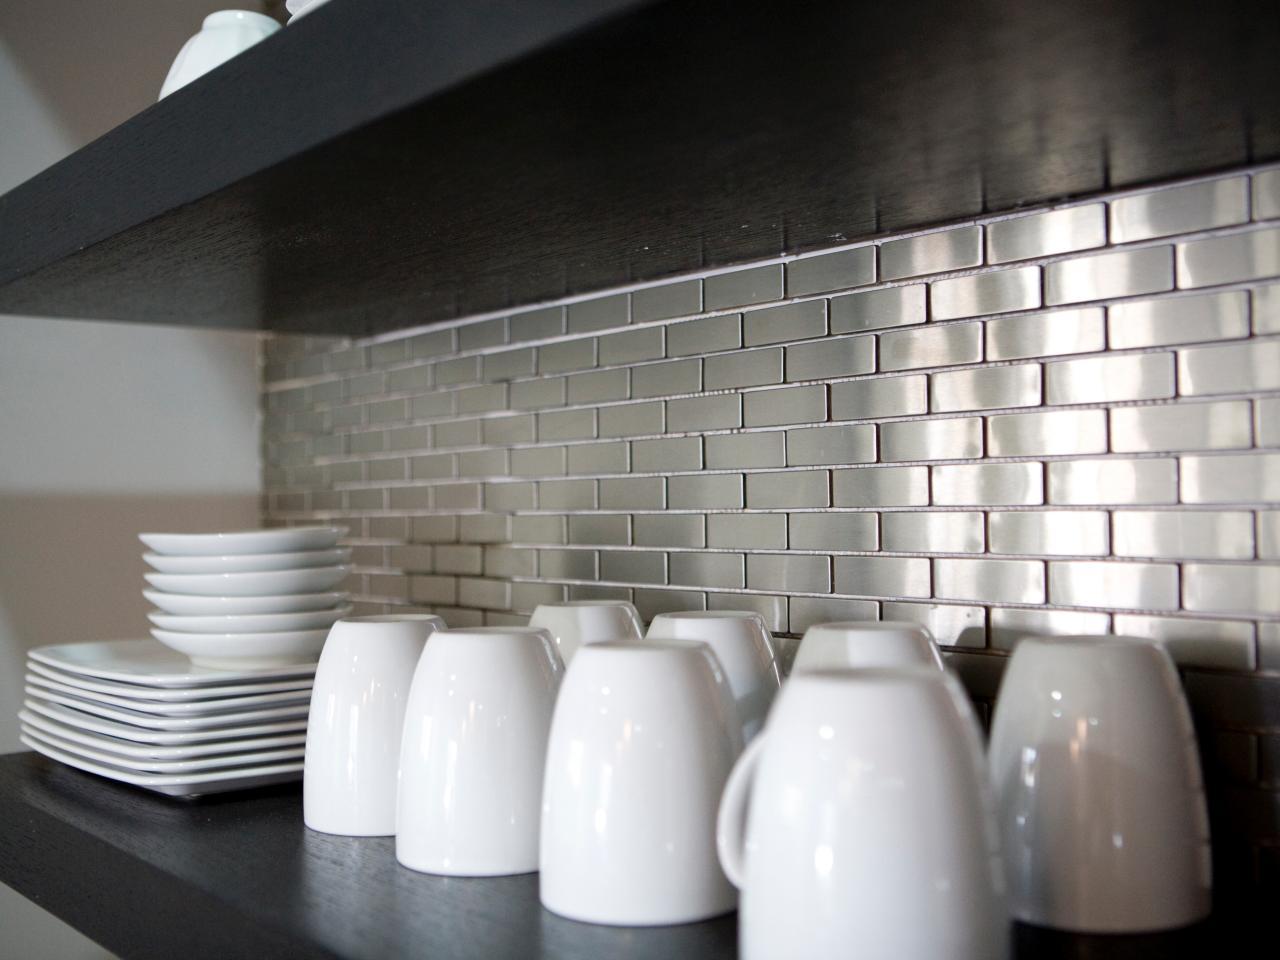 Metal tile kitchen backsplash.